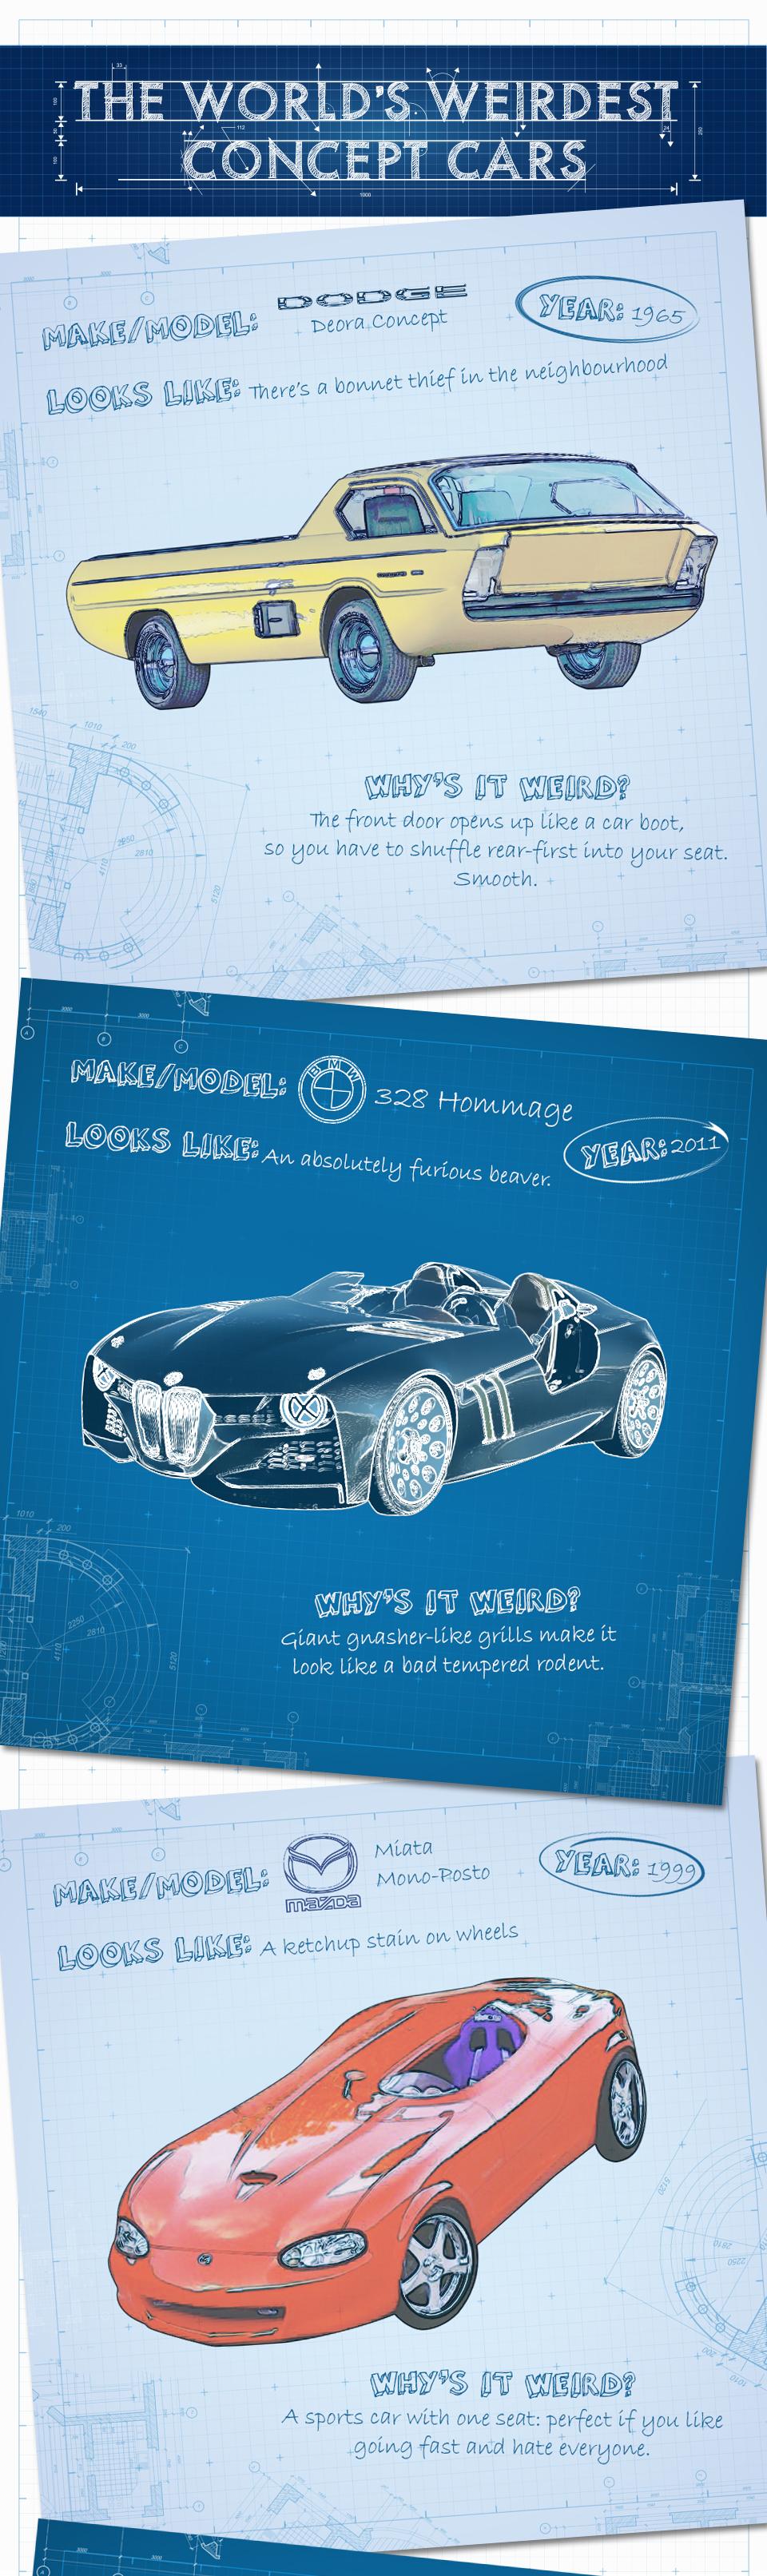 concept cars, worlde's weirdest concept cars, Vertulease.co.uk. Vertulease